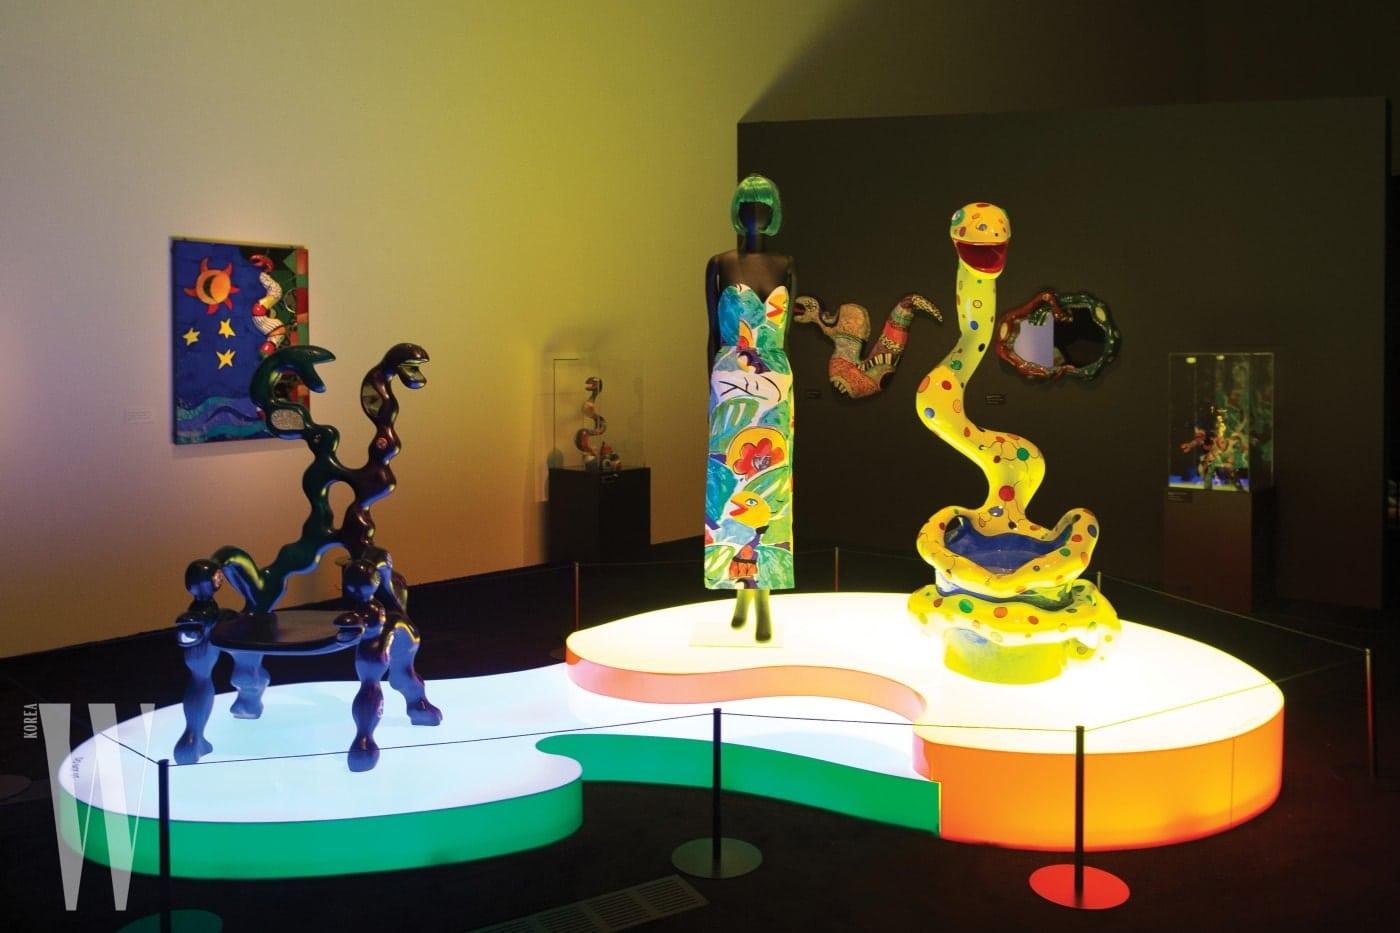 뱀과 관련한 다채로운 소재의 작품들이 전시된 방.